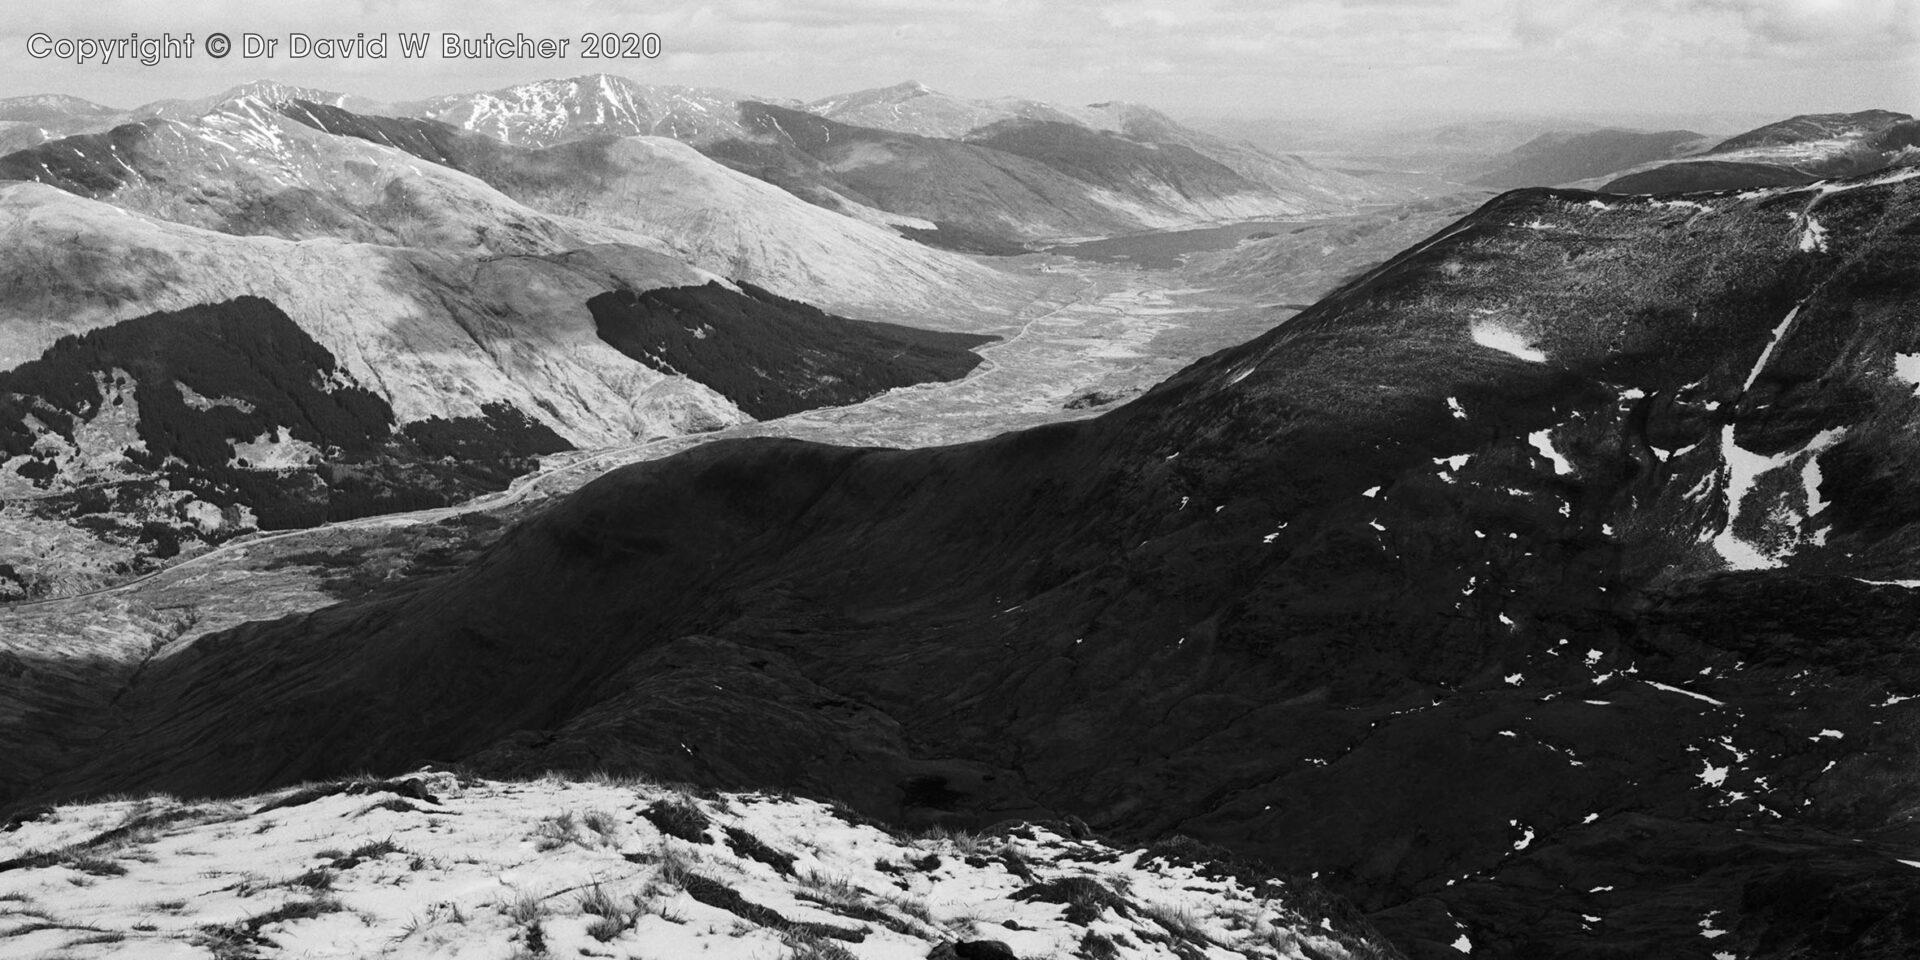 Aonach Mheadhoin from Sgurr an Lochain, Glen Shiel, Scotland